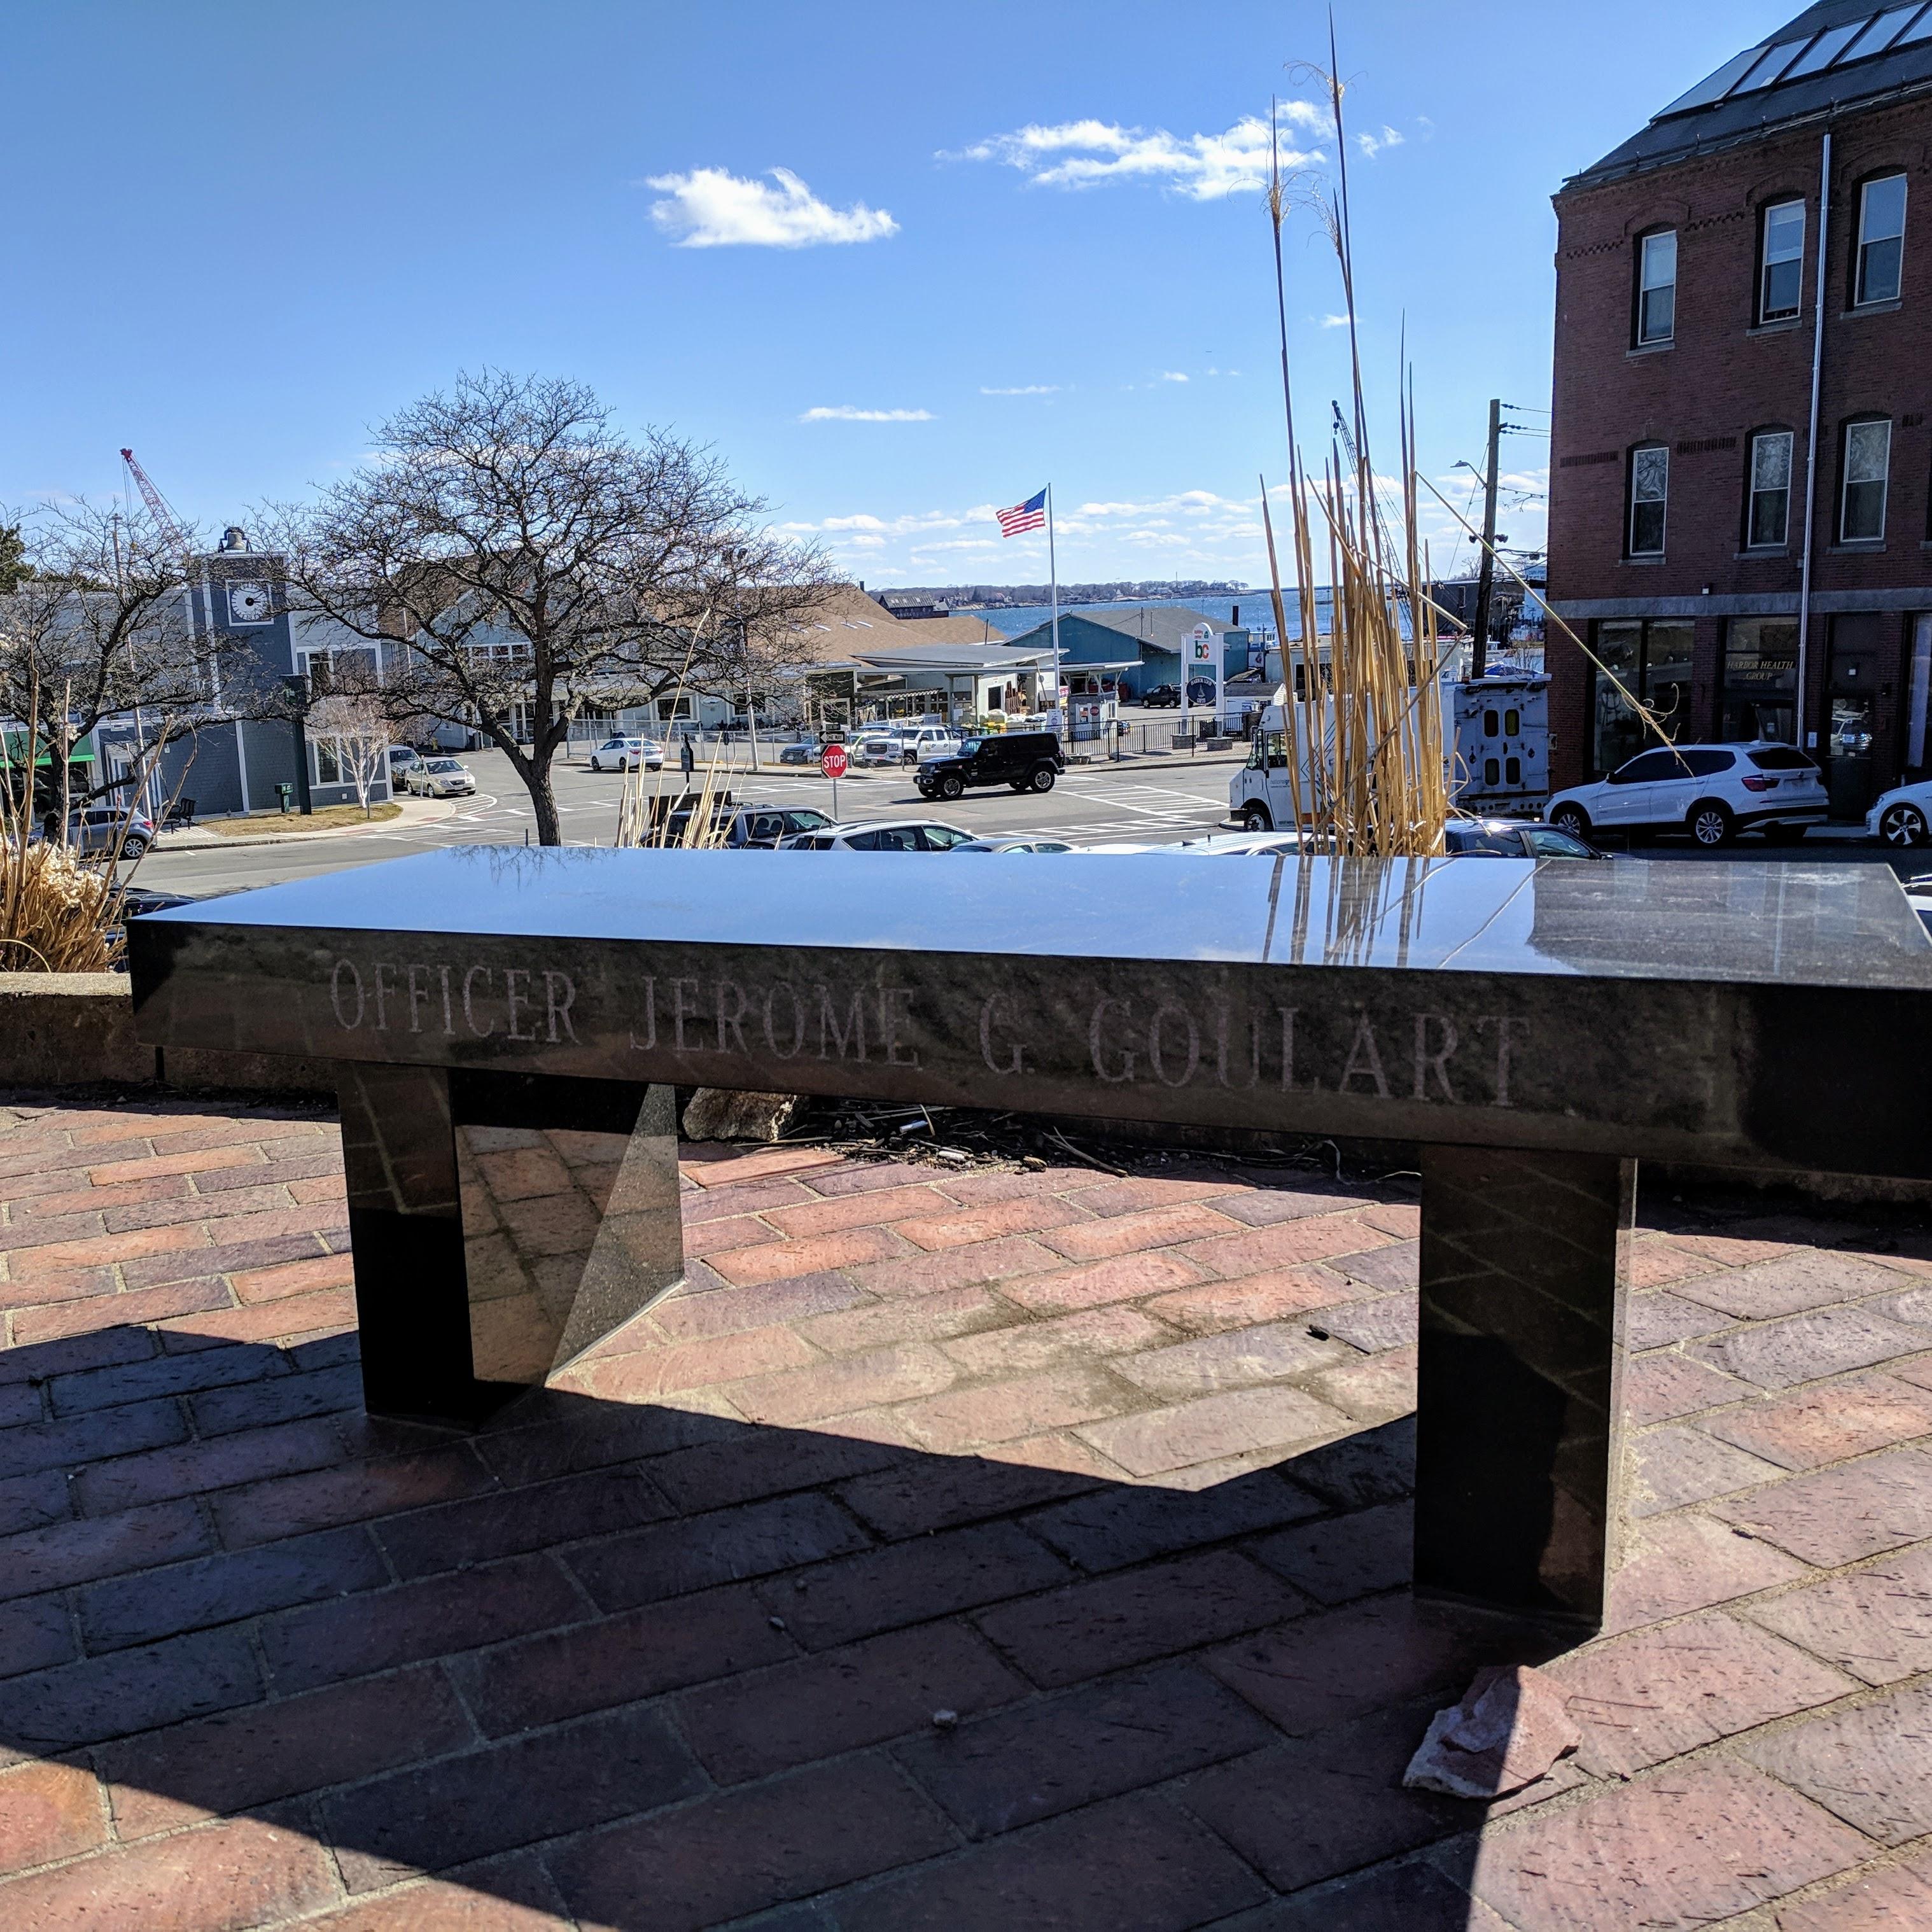 Officer Jerome G. Goulart memorial bench_Gloucester Ma_police station_20190401_© c ryan.jpg